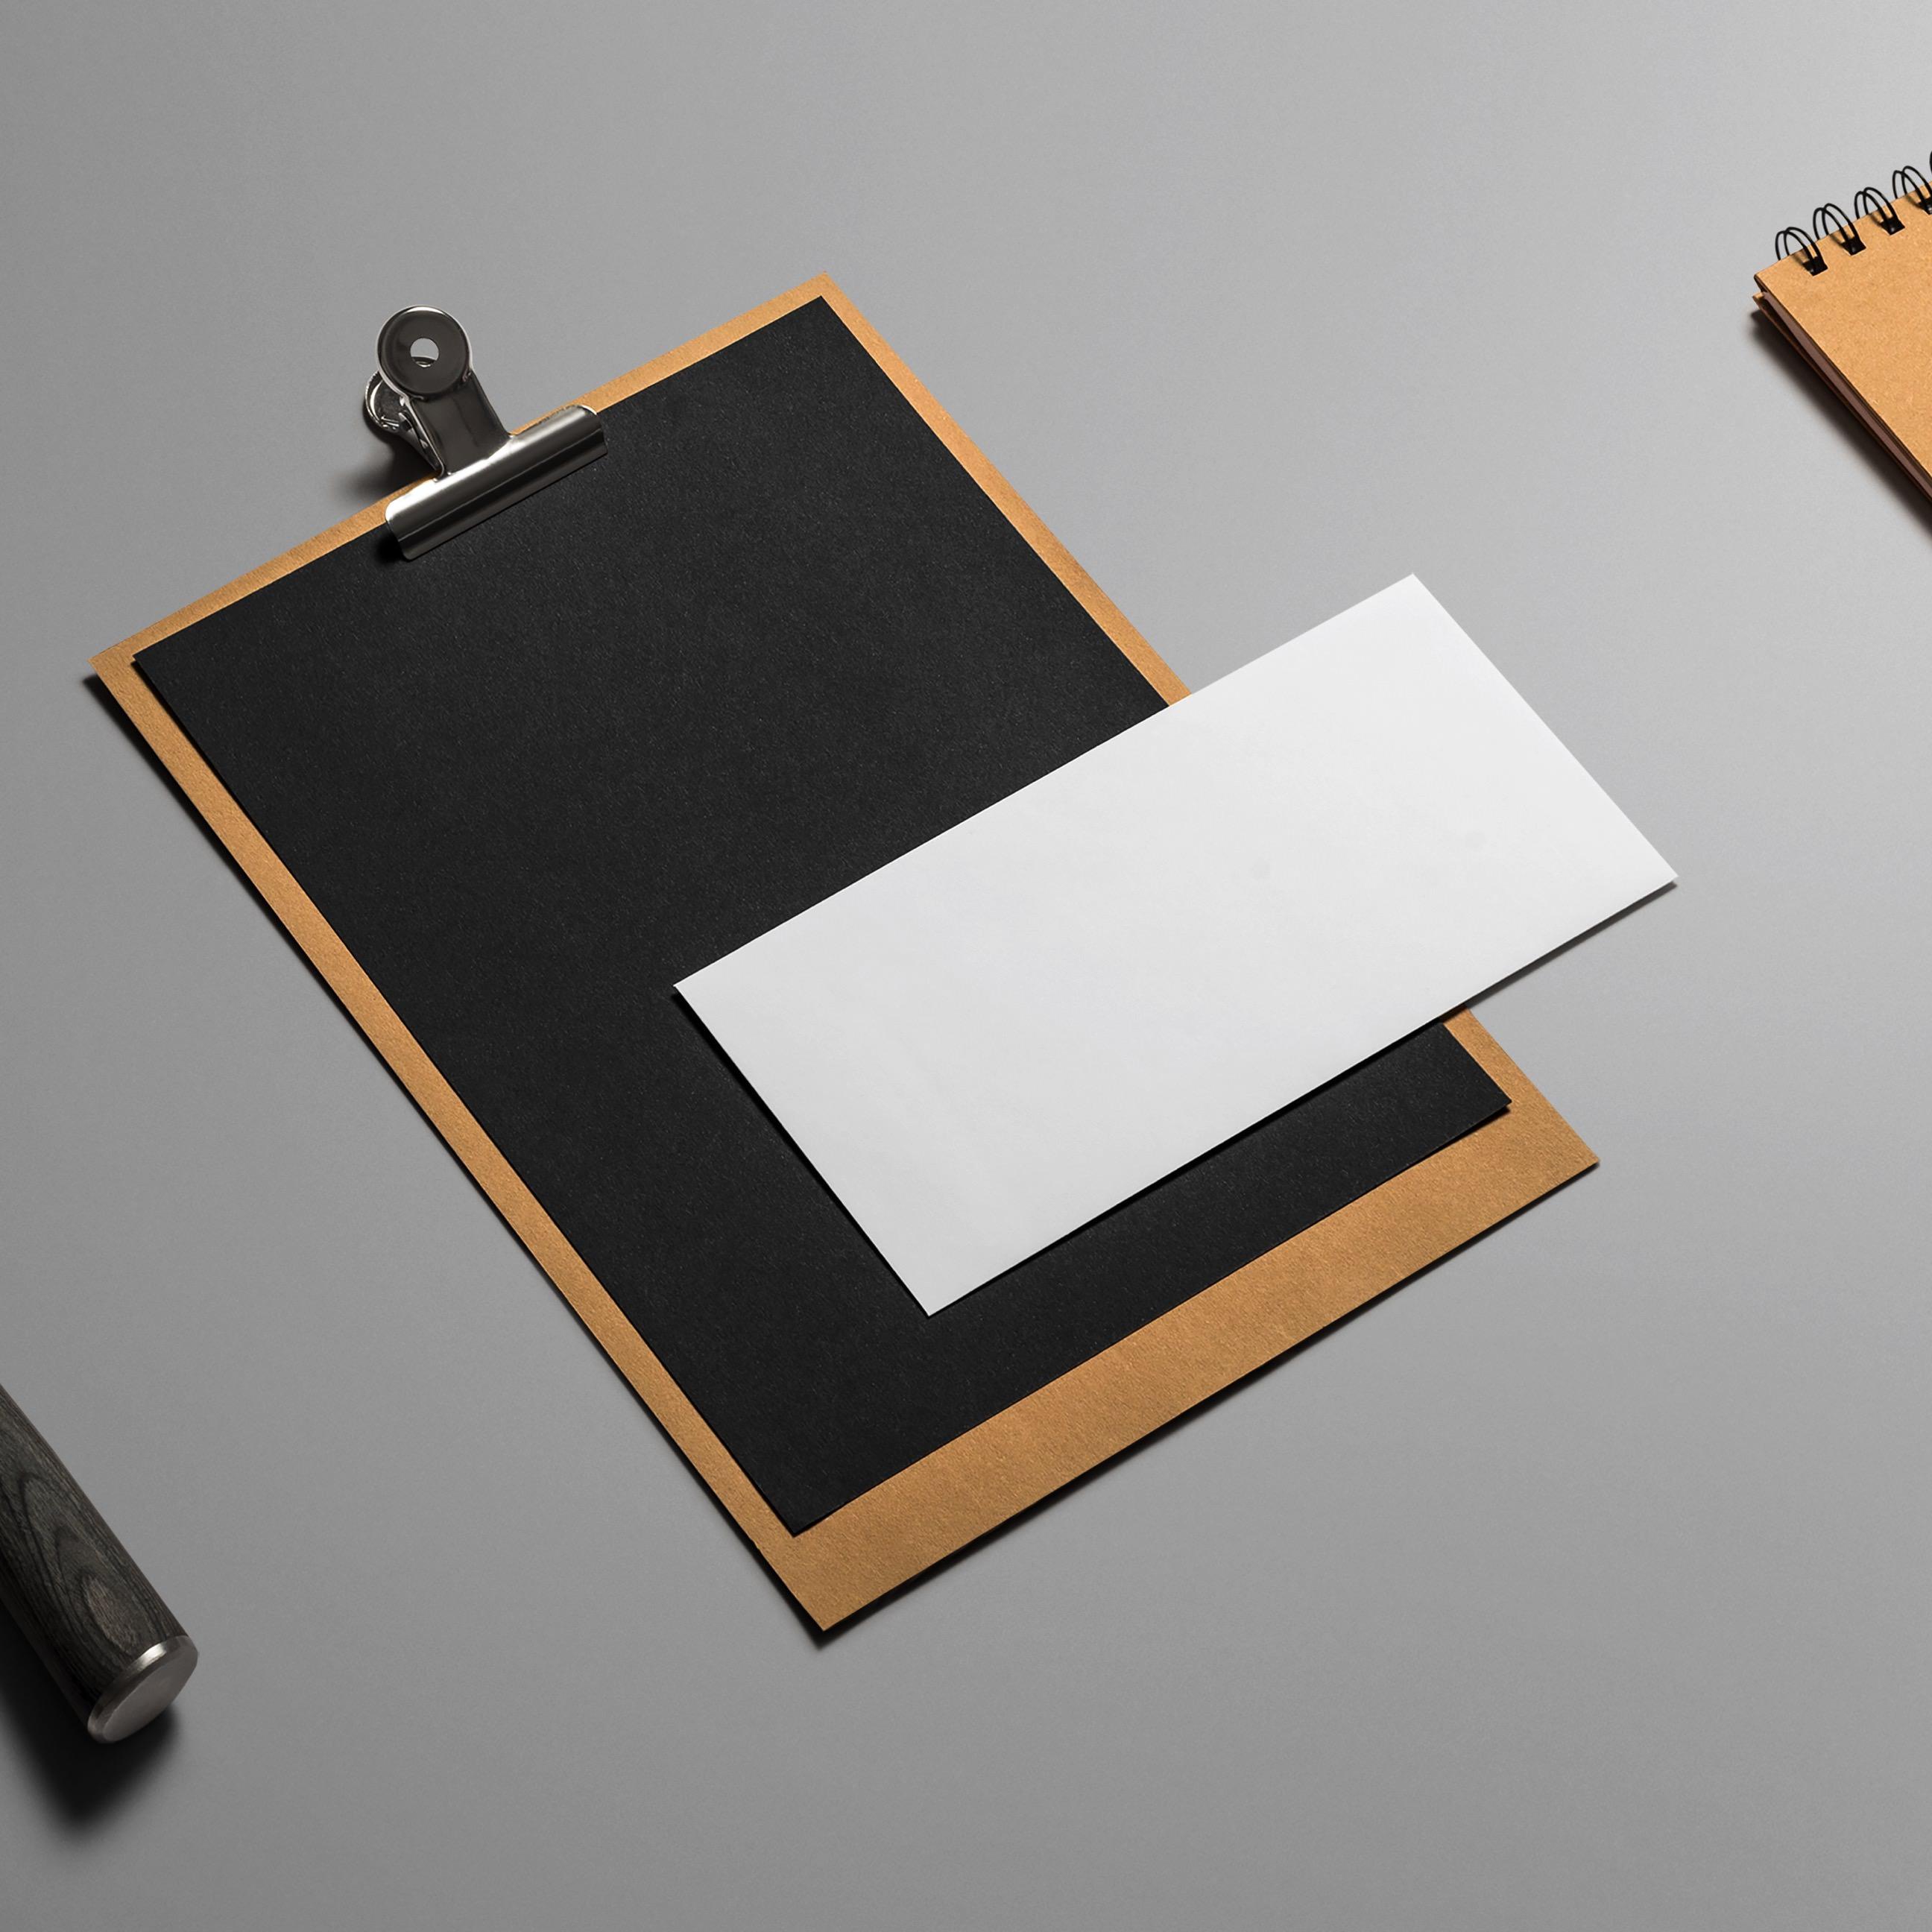 iPad iPad mini pro tablet wallpaper 2592x2592